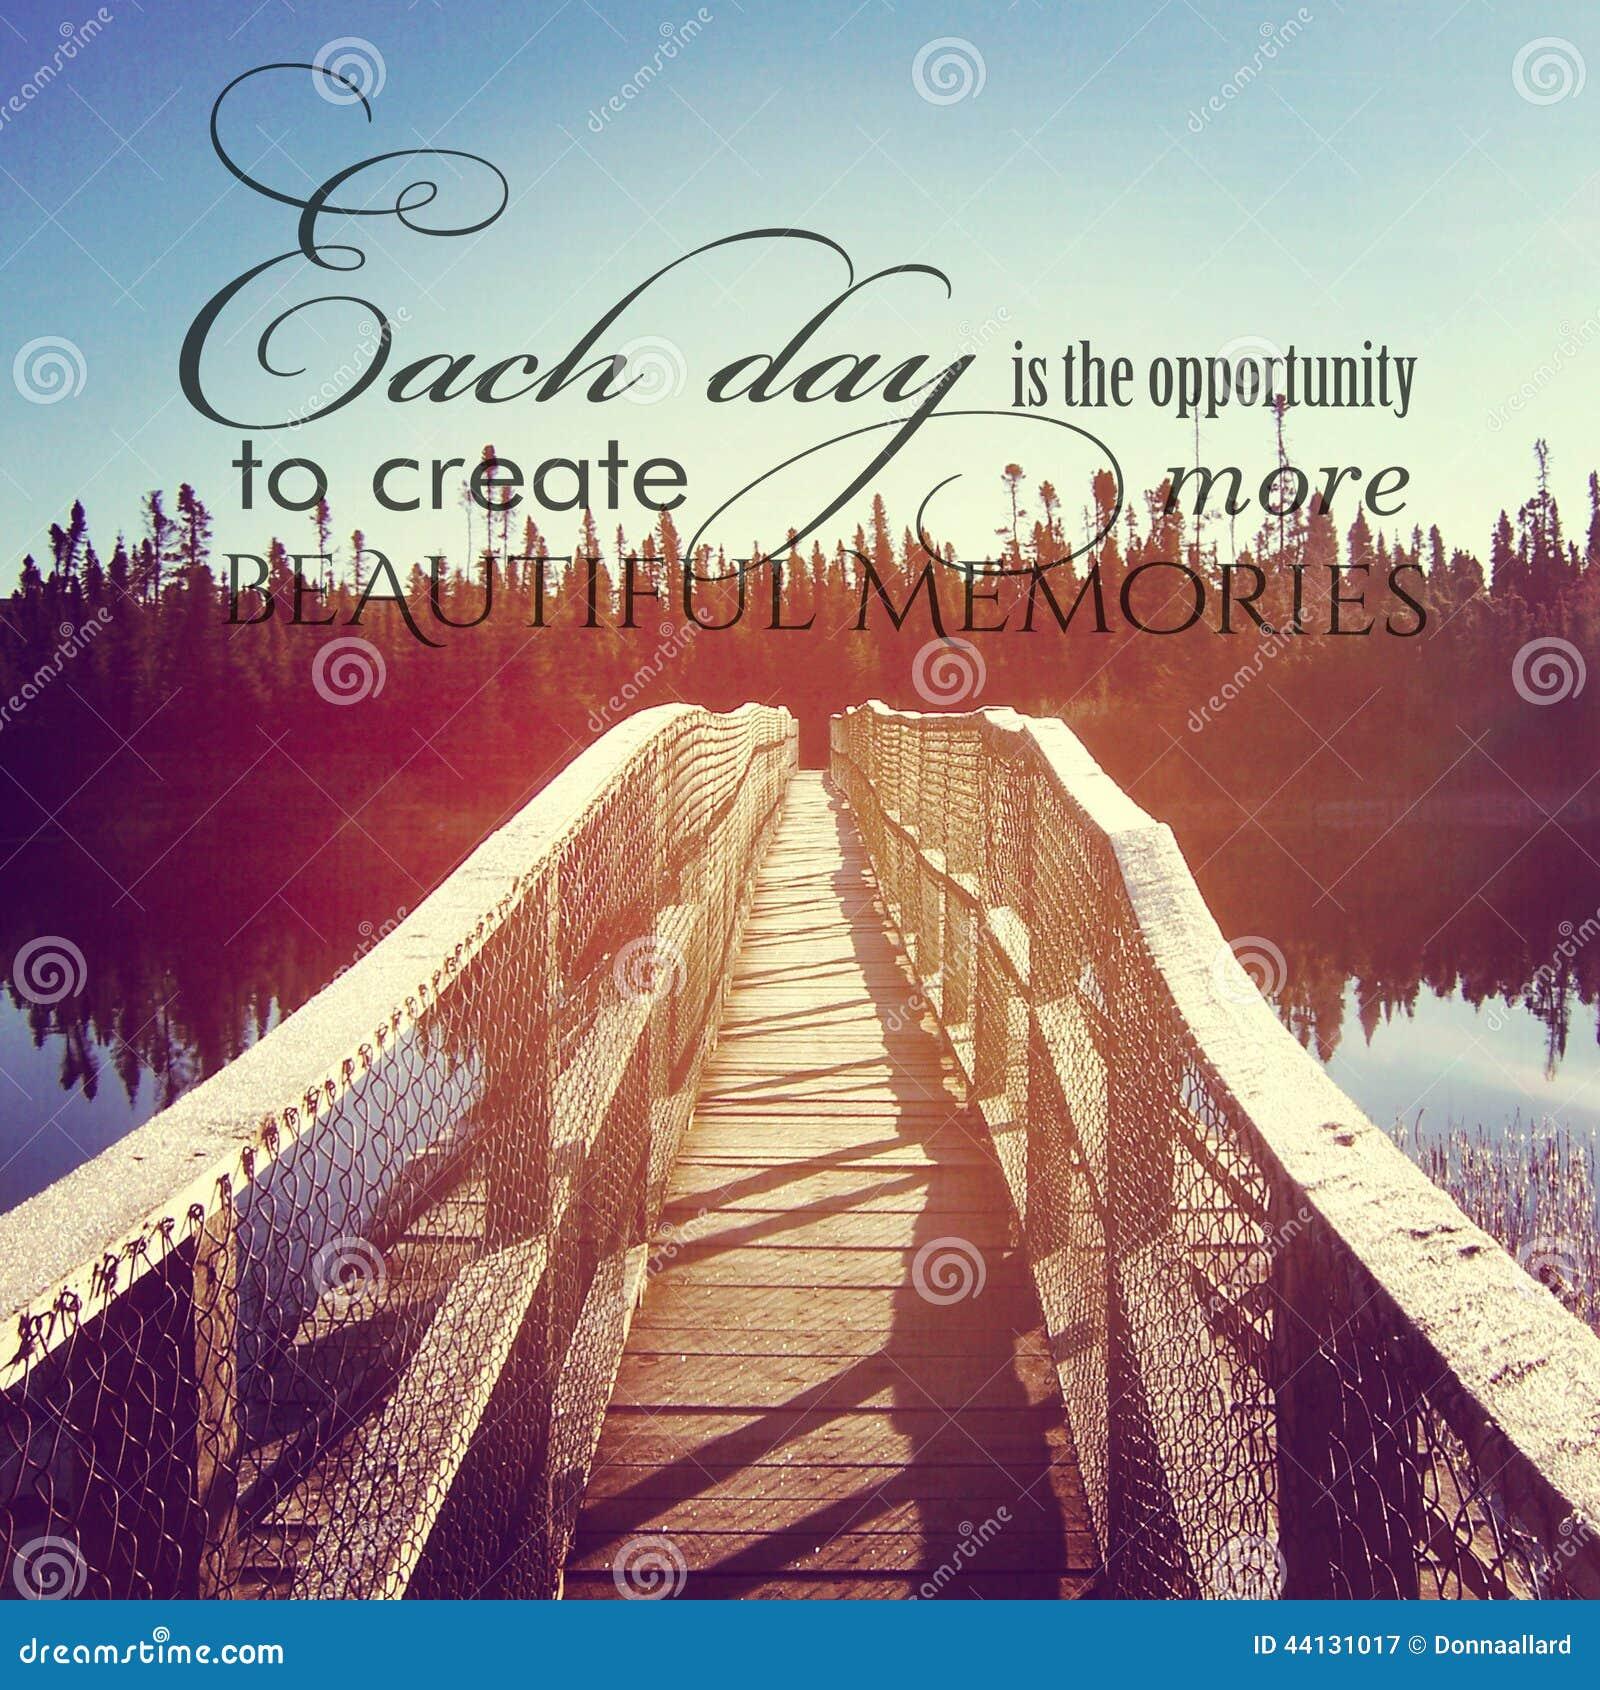 beautiful instagram of bridge over water with